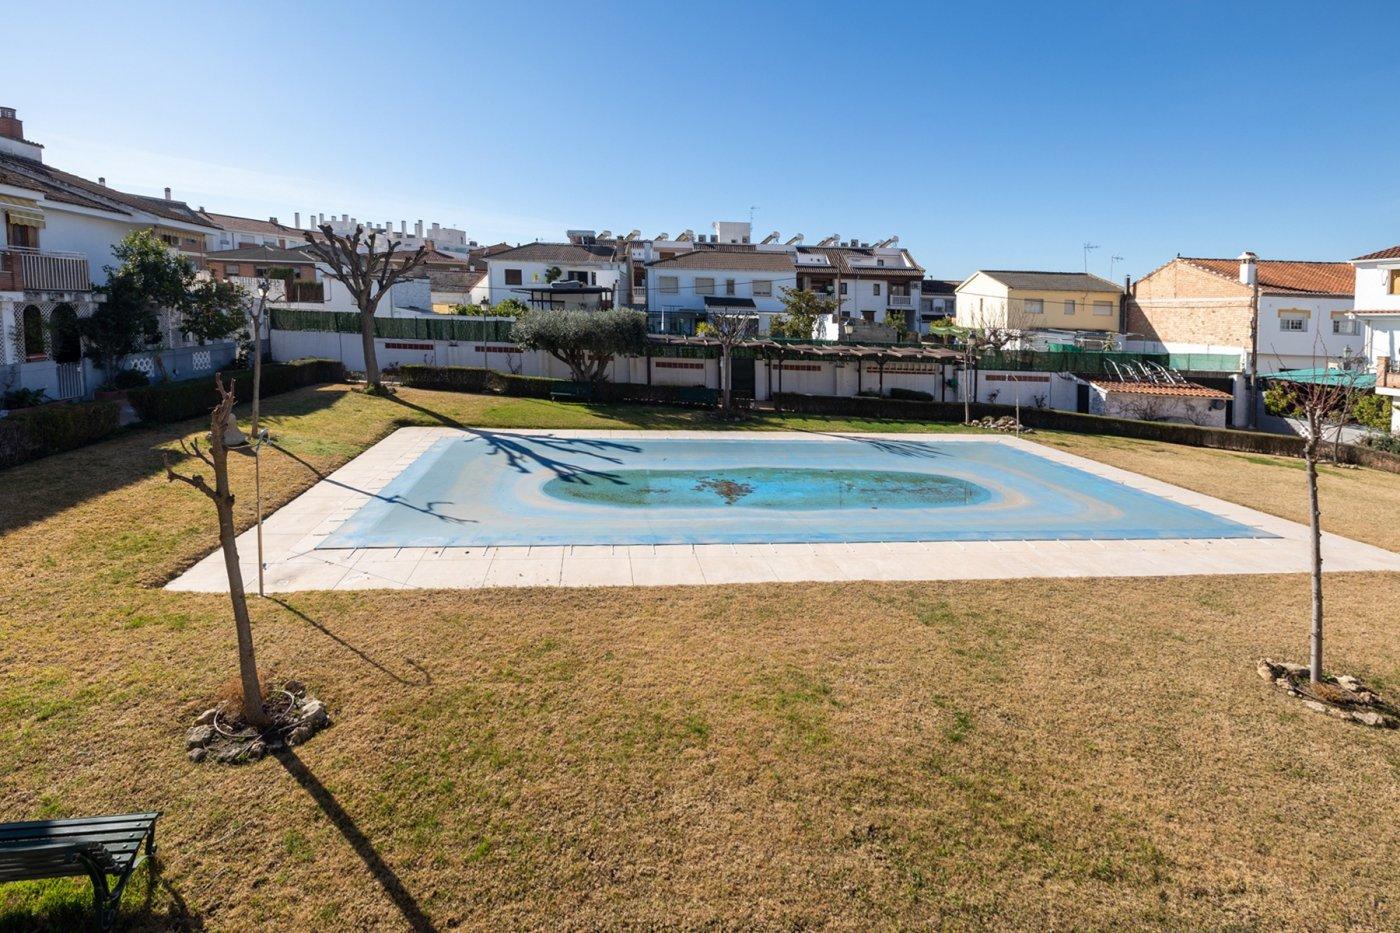 Sueños a la venta!!!!!!!!!! buscando una casa con terraza, piscina y cerca de granada